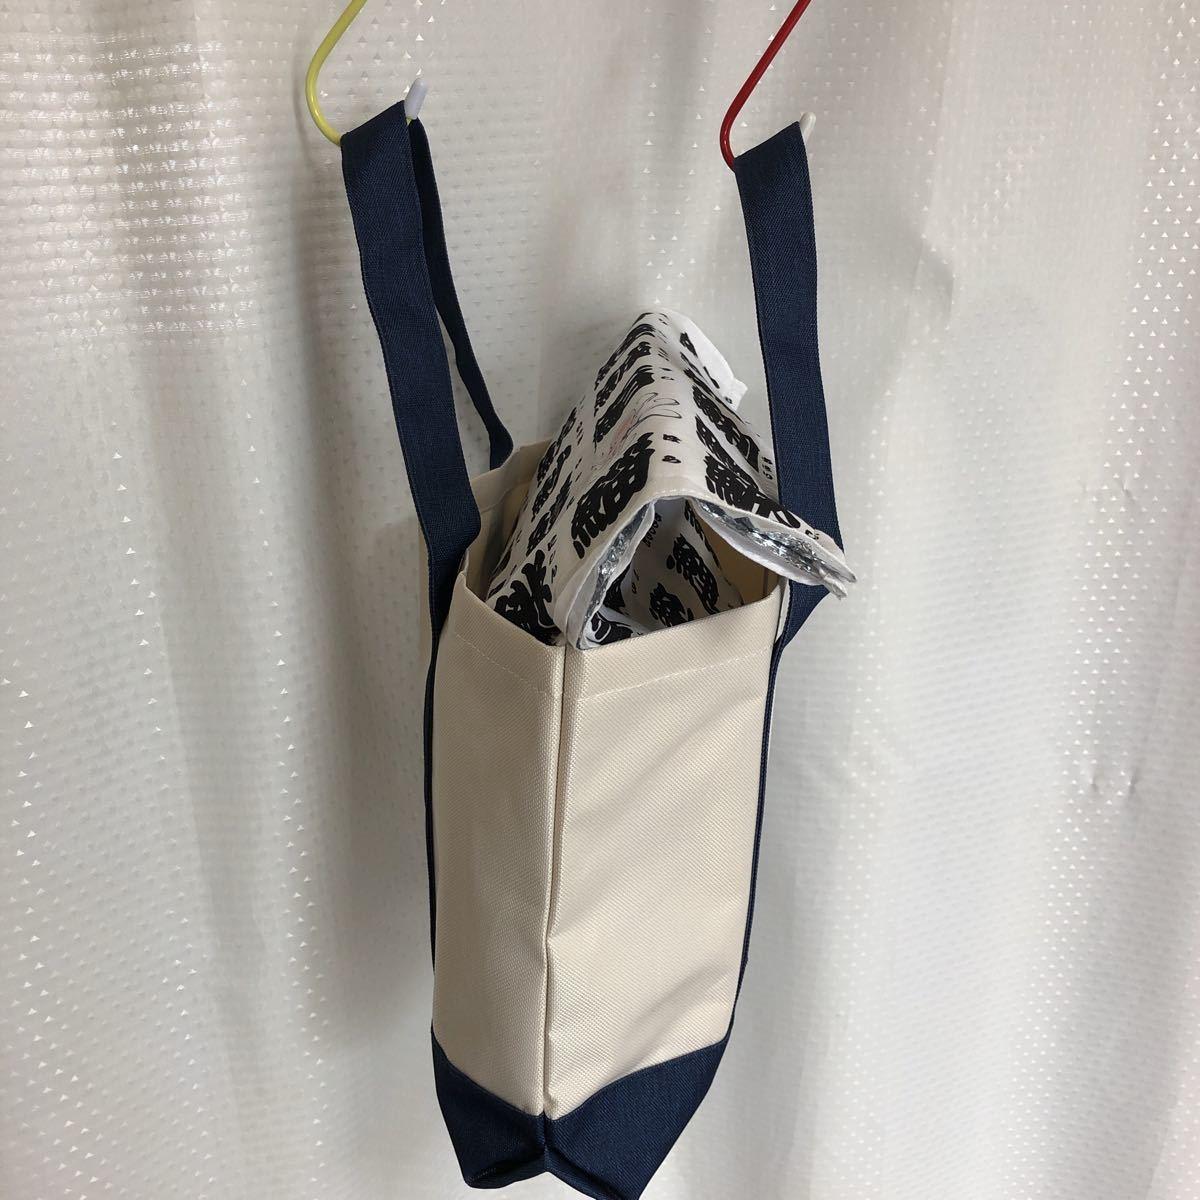 ノベルティトートバッグ ハンドメイド 保冷ランチバック付き お魚漢字表ホワイト